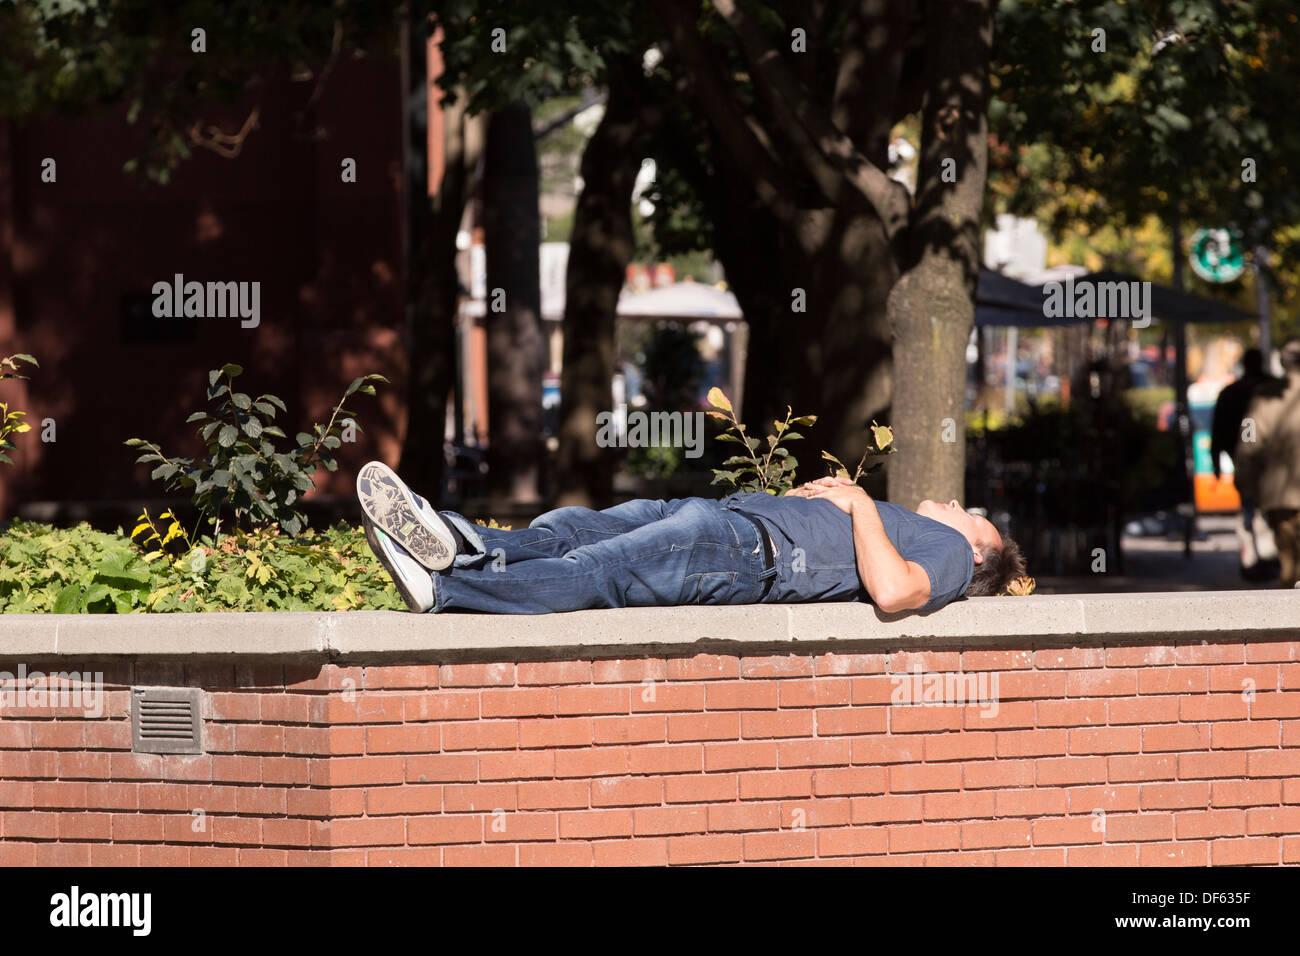 man-sleeping-on-wall-in-the-sun-in-bercz